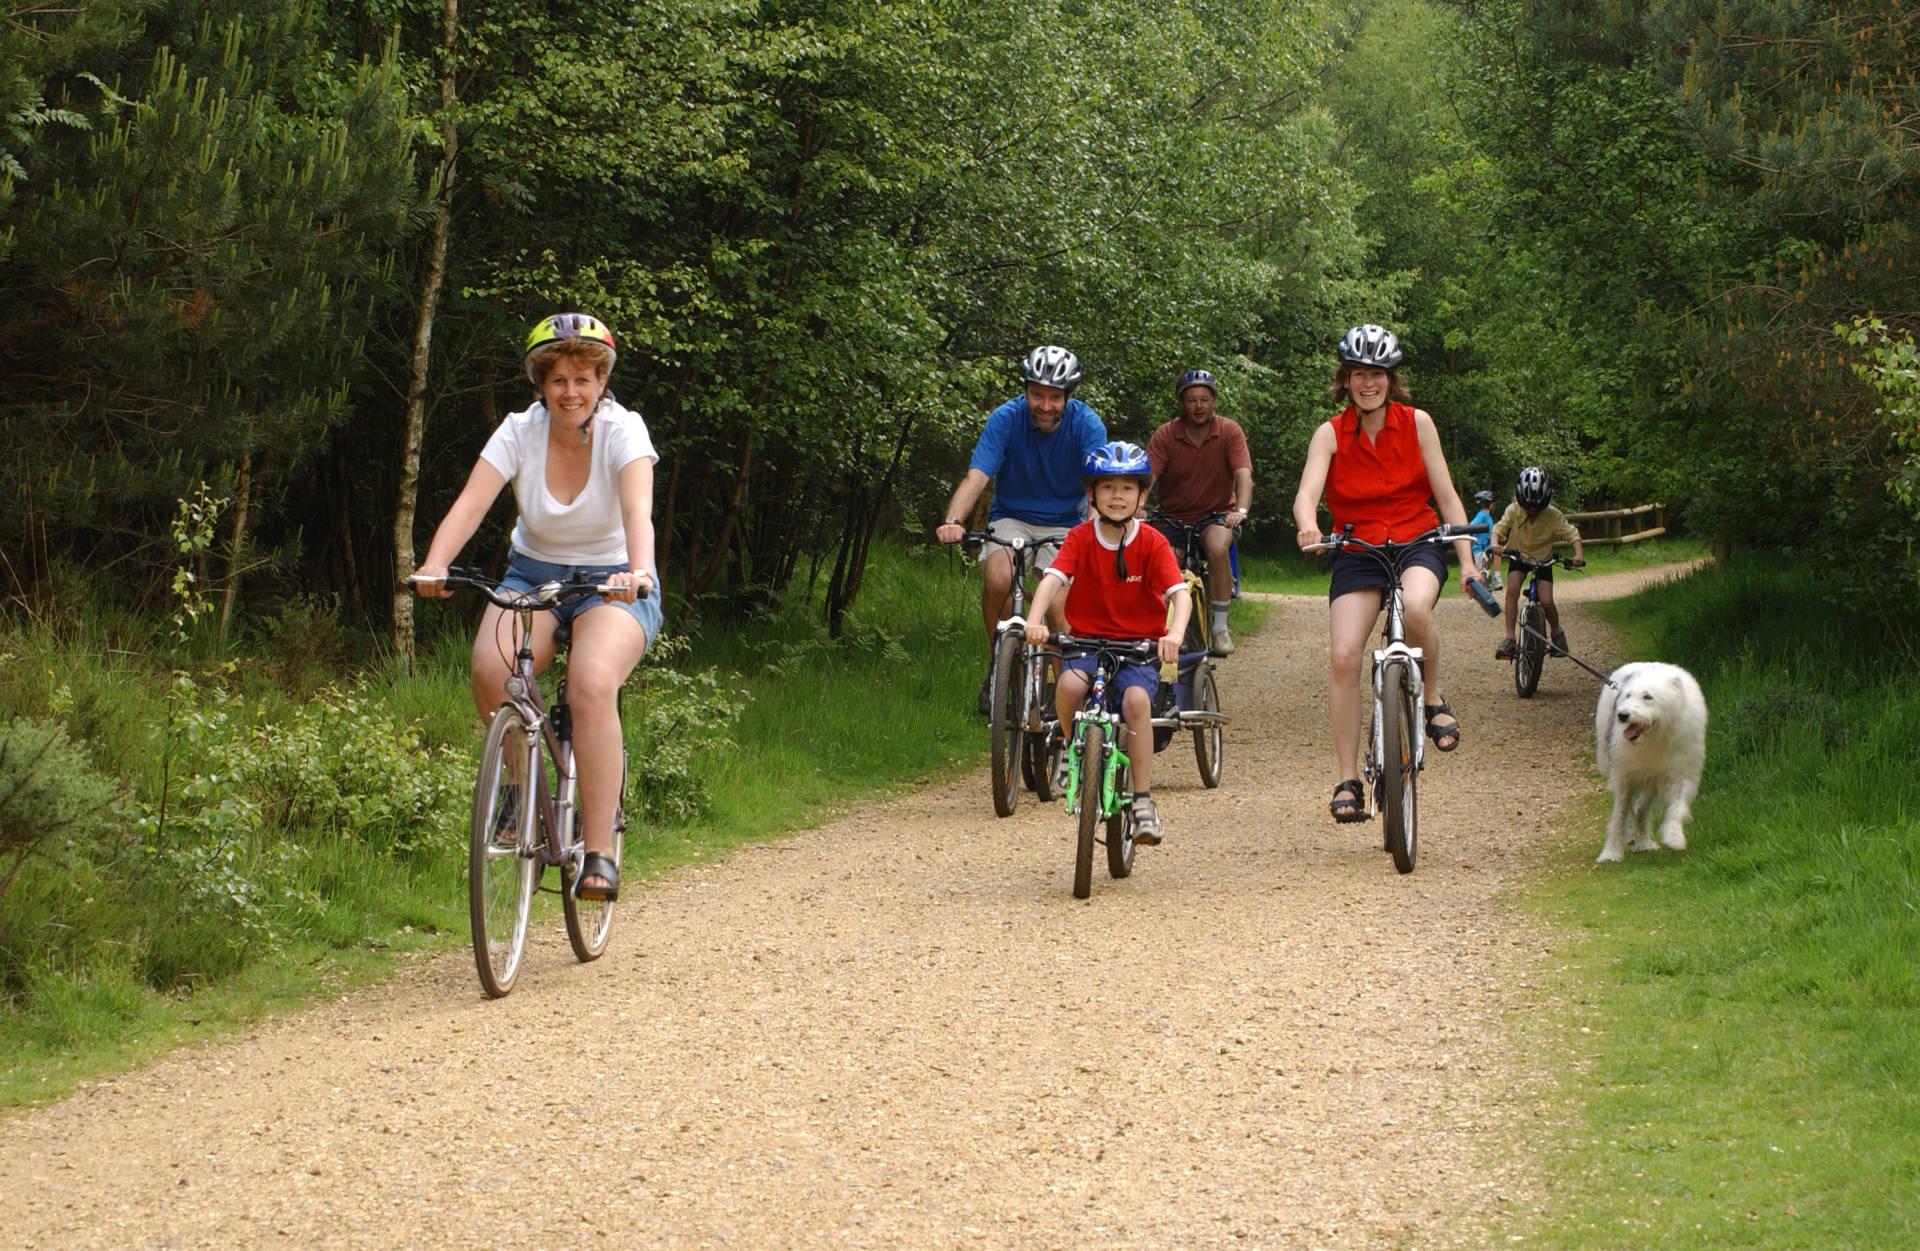 cyclingggg (1)